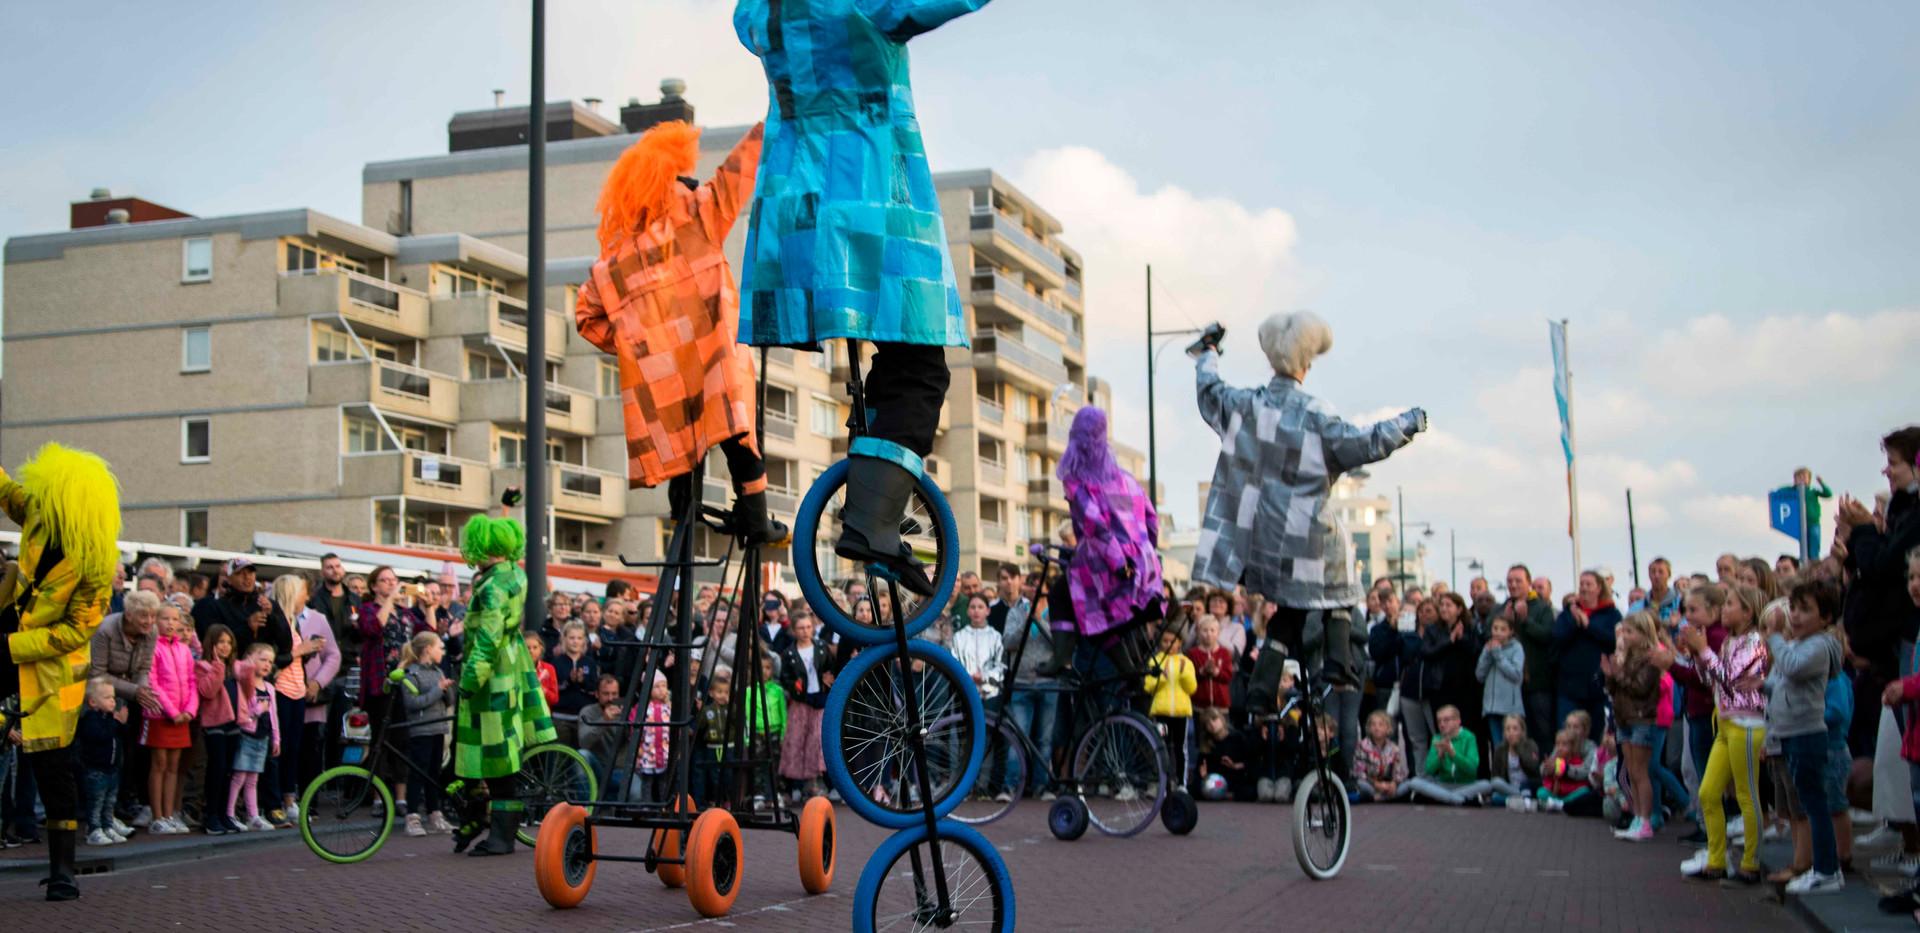 UniQcycle fiets entertainment promotie s